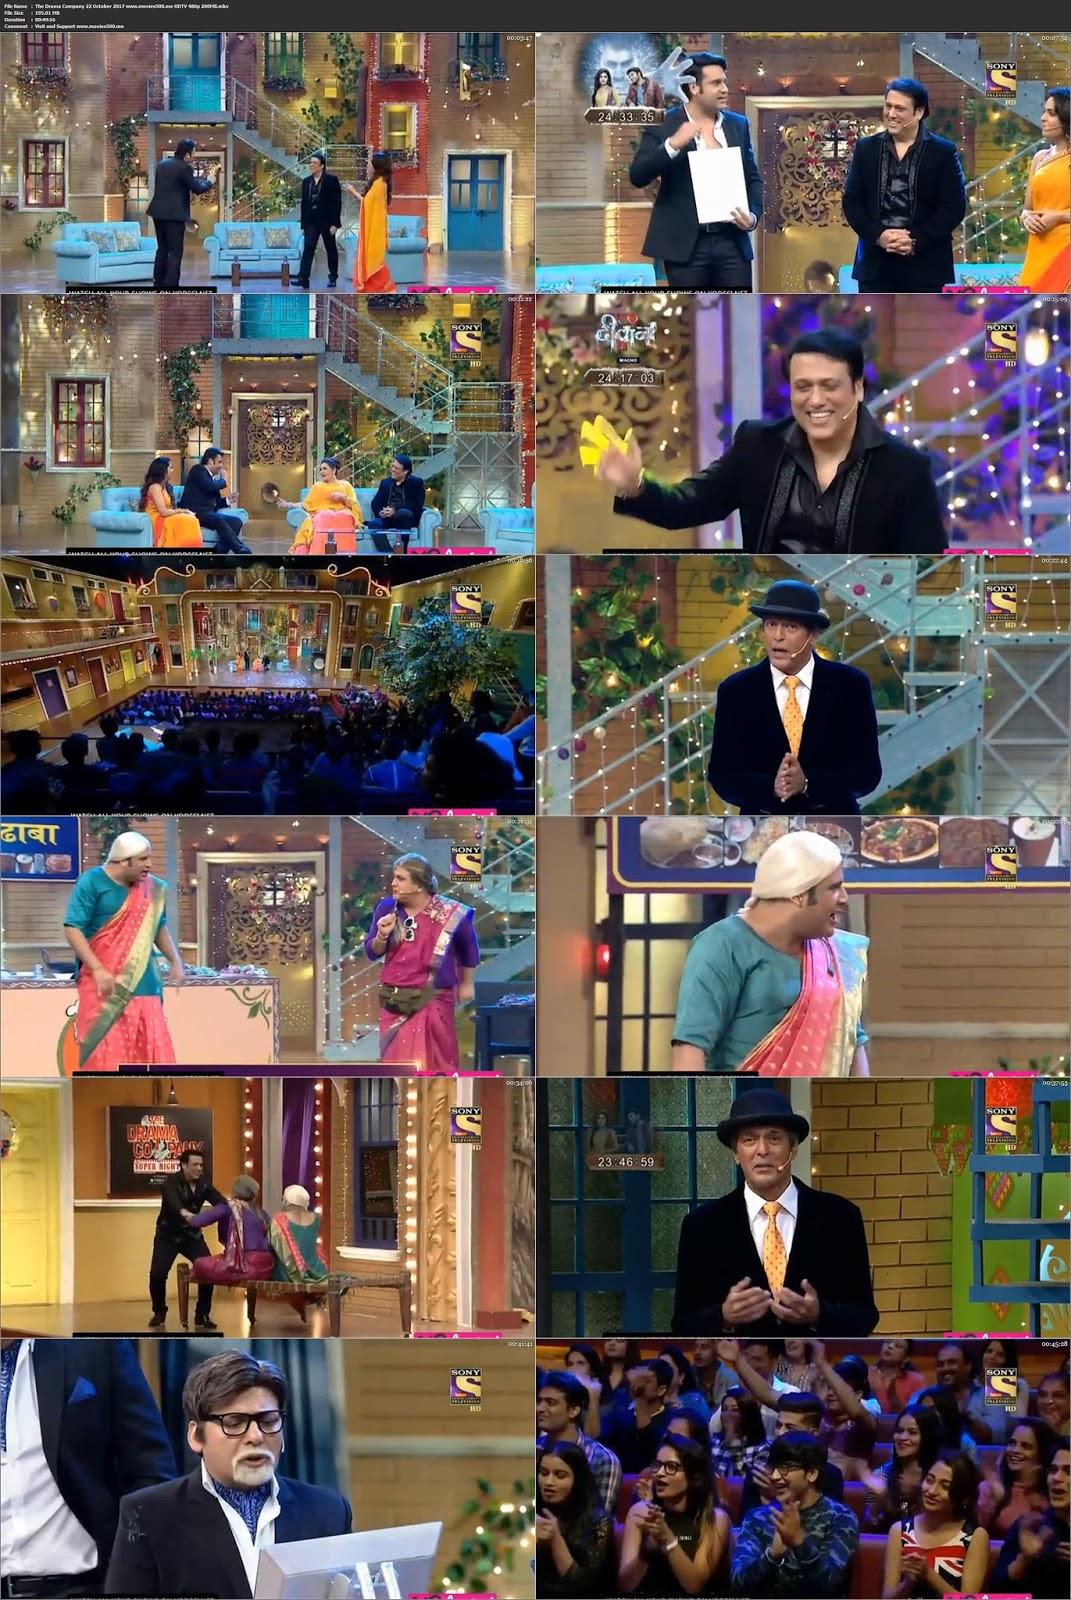 The Drama Company 22 October 2017 Full Show 195MB HDTV 480p at chukysogiare.org